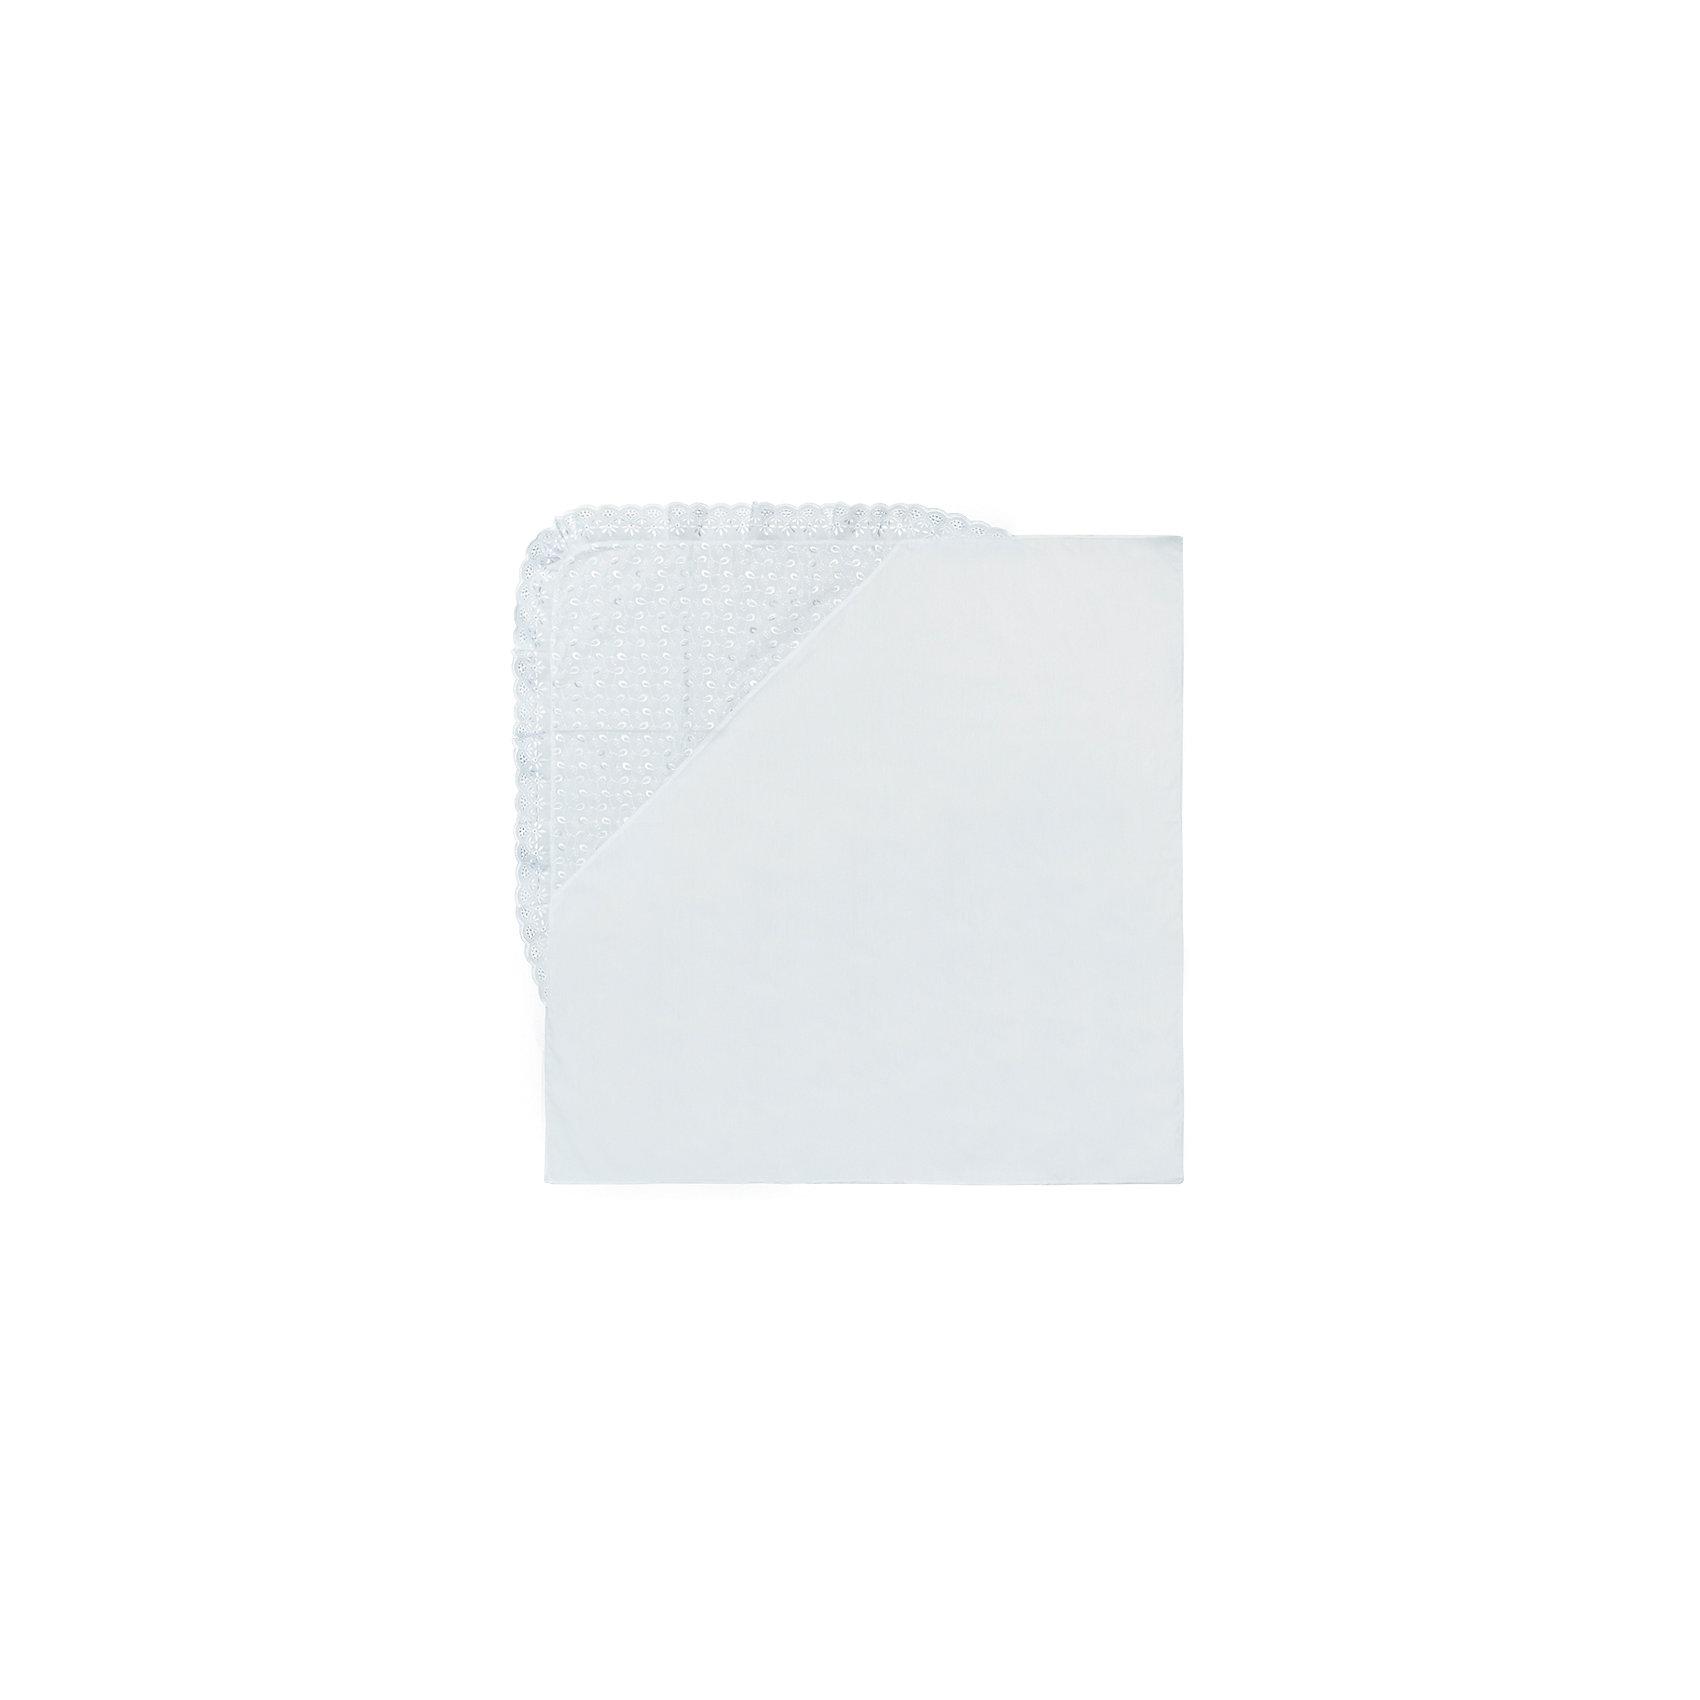 Пеленка-уголок для выписки Лето, Сонный гномик, белыйКонверты на выписку<br>Пеленка-уголок для выписки Лето, Сонный гномик, белый – необходимый аксессуар для выписки. Уголок выполнен из тончайшего сатина высокого качества, украшен ажурным шитьем. Пеленку уголок можно использовать под любой плед или конверт.<br>Пеленка-уголок для выписки Лето, Сонный гномик, белый создаст неповторимый праздничный образ вашего малыша.<br><br>Дополнительная информация:<br><br>- Предназначение: для выписки<br>- Материал: сатин, шитье<br>- Пол: для мальчика/для девочки<br>- Цвет: белый<br>- Размеры (Д*Ш): 90*90 см<br>- Вес: 100 г<br>- Особенности ухода: разрешается стирка при температуре не более 40 градусов<br><br>Подробнее:<br><br>• Для детей в возрасте от 0 месяцев и до 3 месяцев<br>• Страна производитель: Россия<br>• Торговый бренд: Leader kids<br><br>Пеленку-уголок для выписки Лето, Сонный гномик, белый можно купить в нашем интернет-магазине.<br><br>Ширина мм: 90<br>Глубина мм: 90<br>Высота мм: 100<br>Вес г: 100<br>Возраст от месяцев: 0<br>Возраст до месяцев: 3<br>Пол: Унисекс<br>Возраст: Детский<br>SKU: 4922761